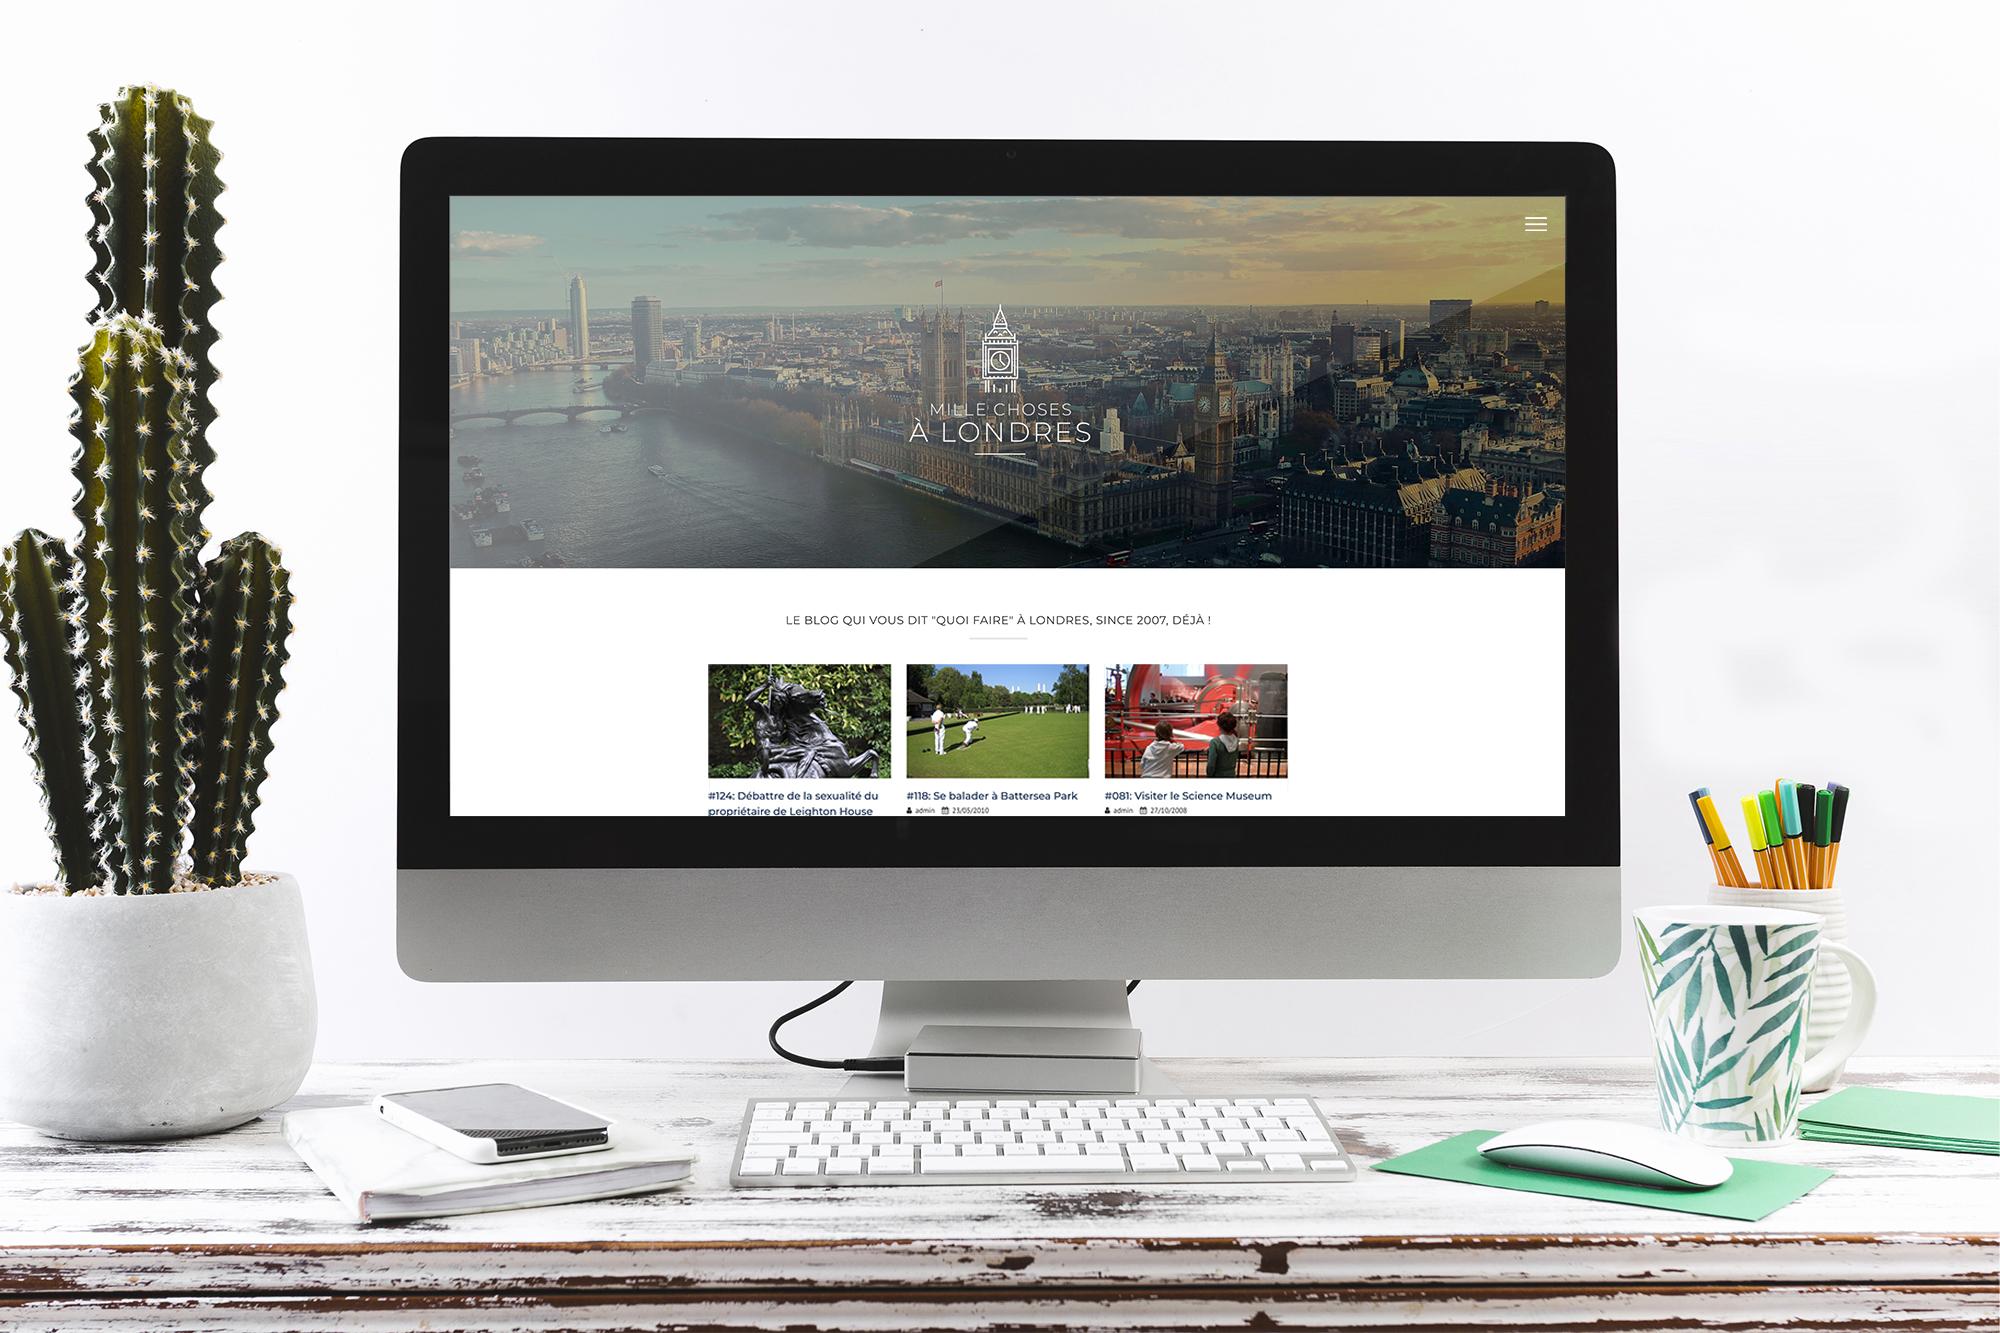 Refonte du site internet de Mille Choses à Londres